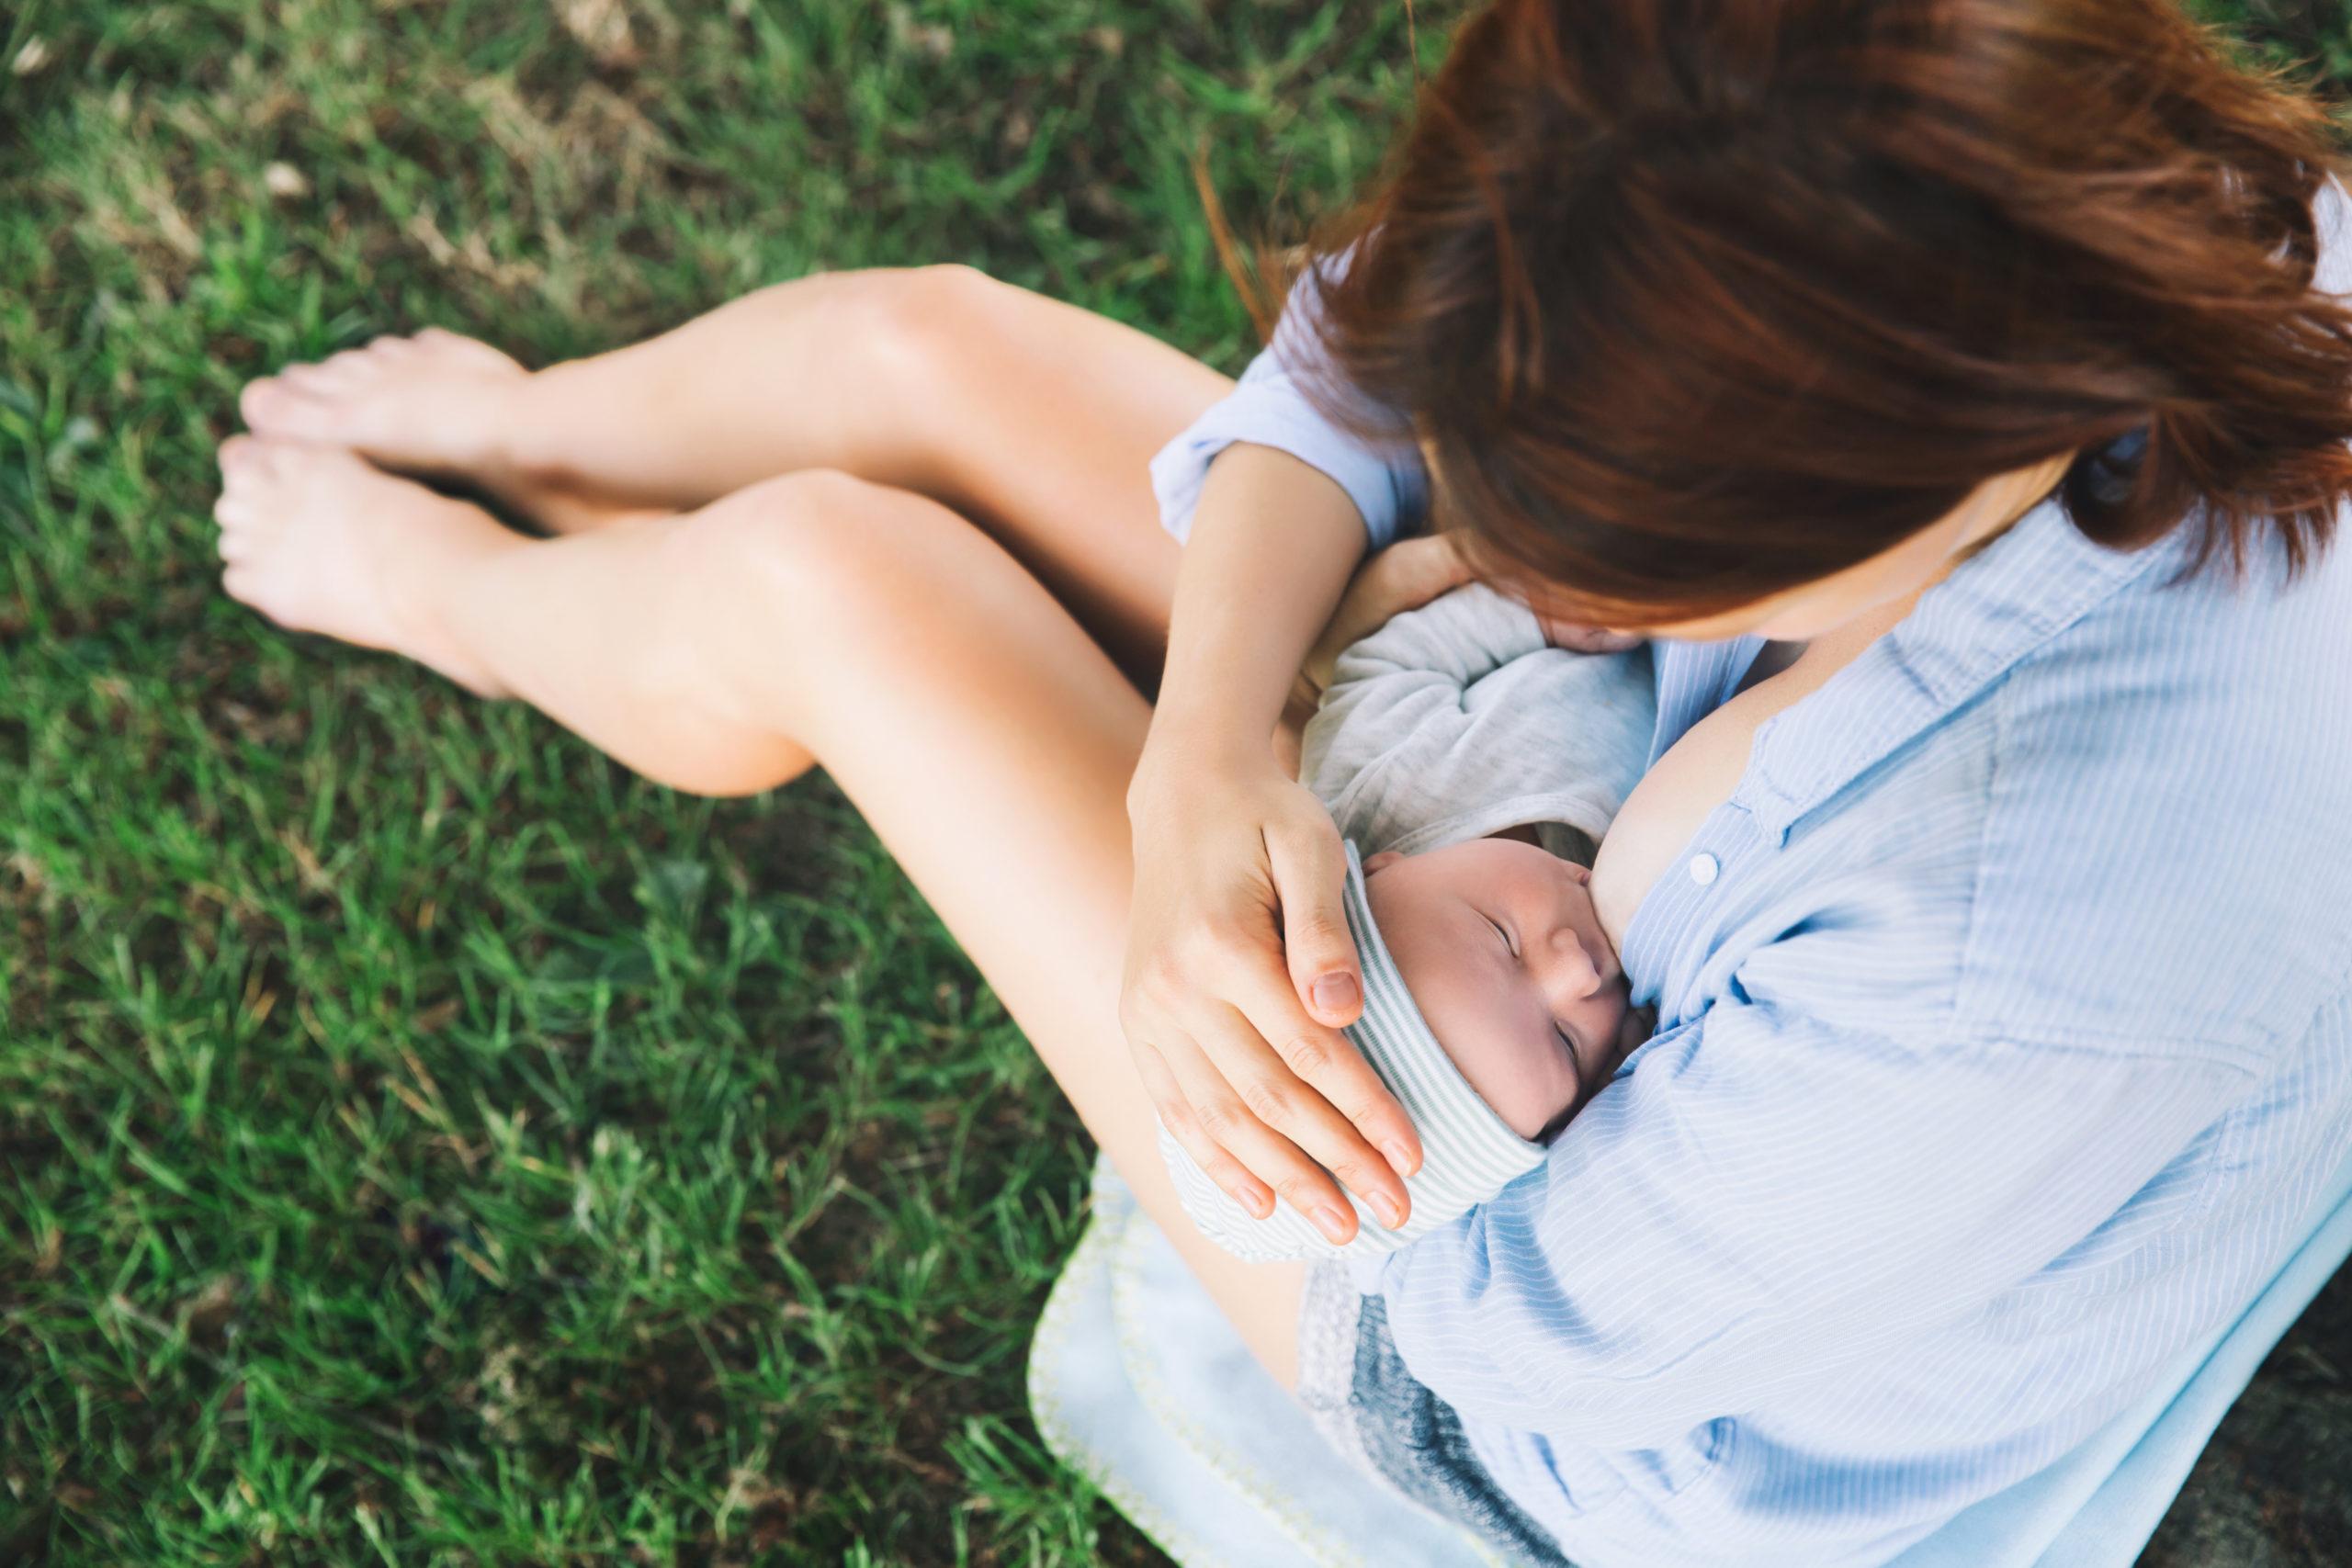 Le reflux gastro oesophagien le RGO: quel lait pour mon bébé ? Le reflux gastro oesophagien le RGO: quel lait pour mon bébé ?